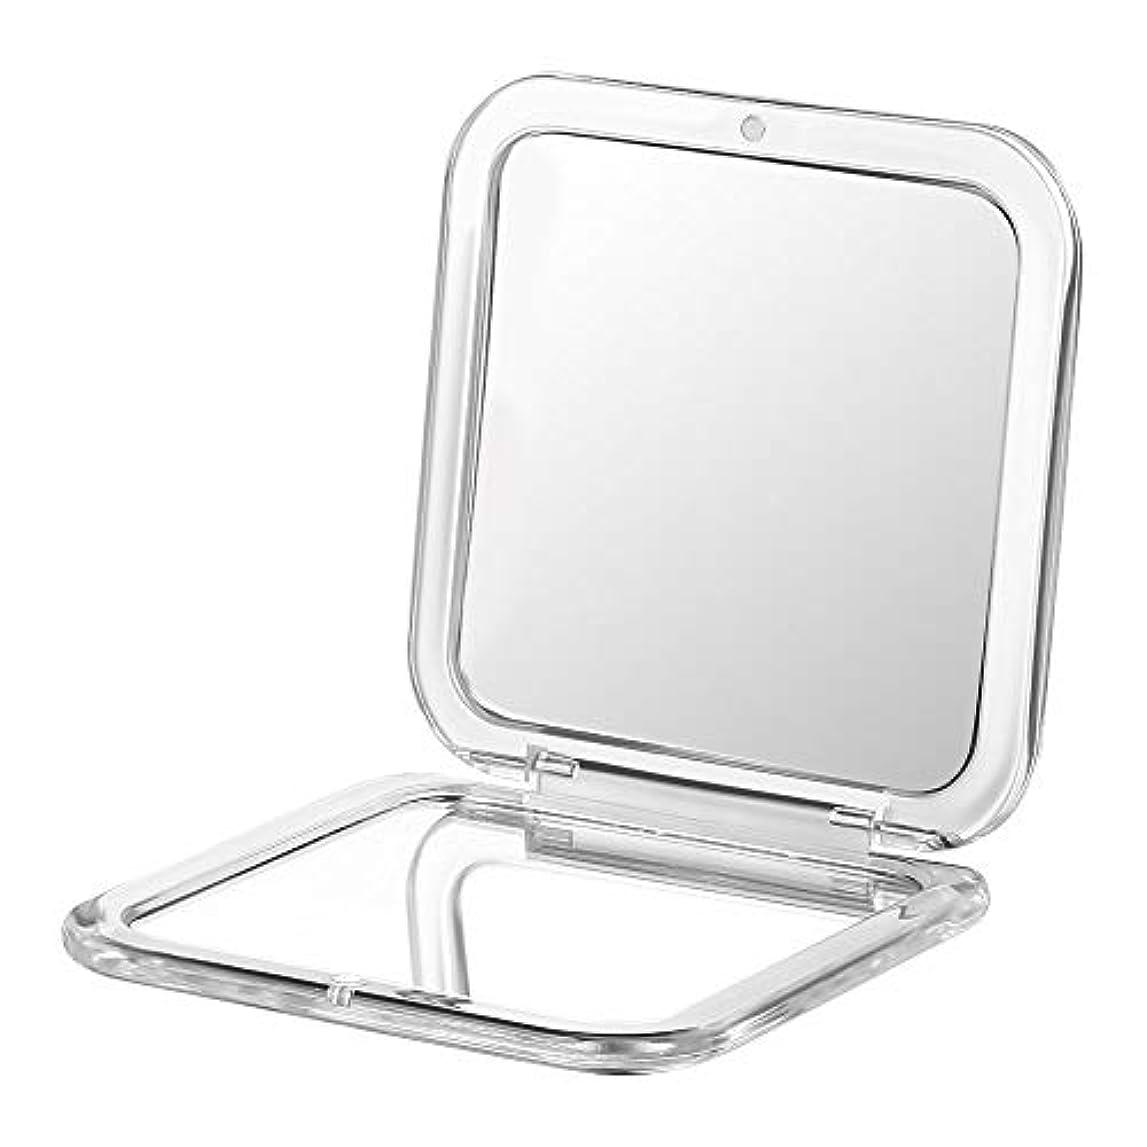 漏れ遠足調子コンパクト鏡 拡大鏡 両面コンパクトミラー 化粧鏡 卓上 鏡